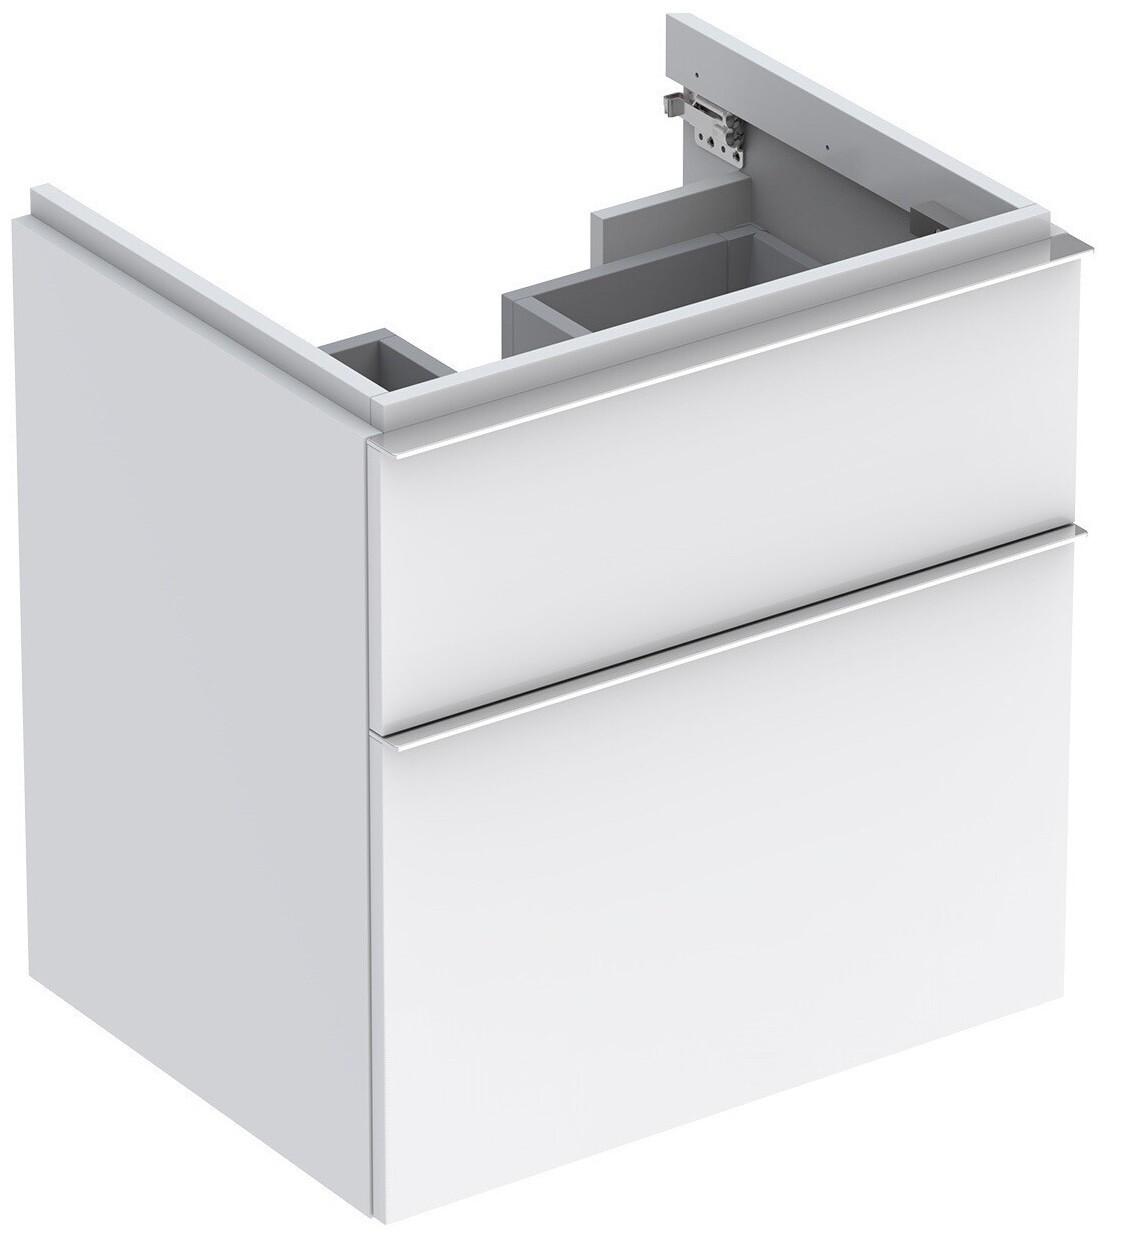 Meuble bas pour lavabo Geberit iCon 75 cm avec deux tiroirs en blanc laqué mat